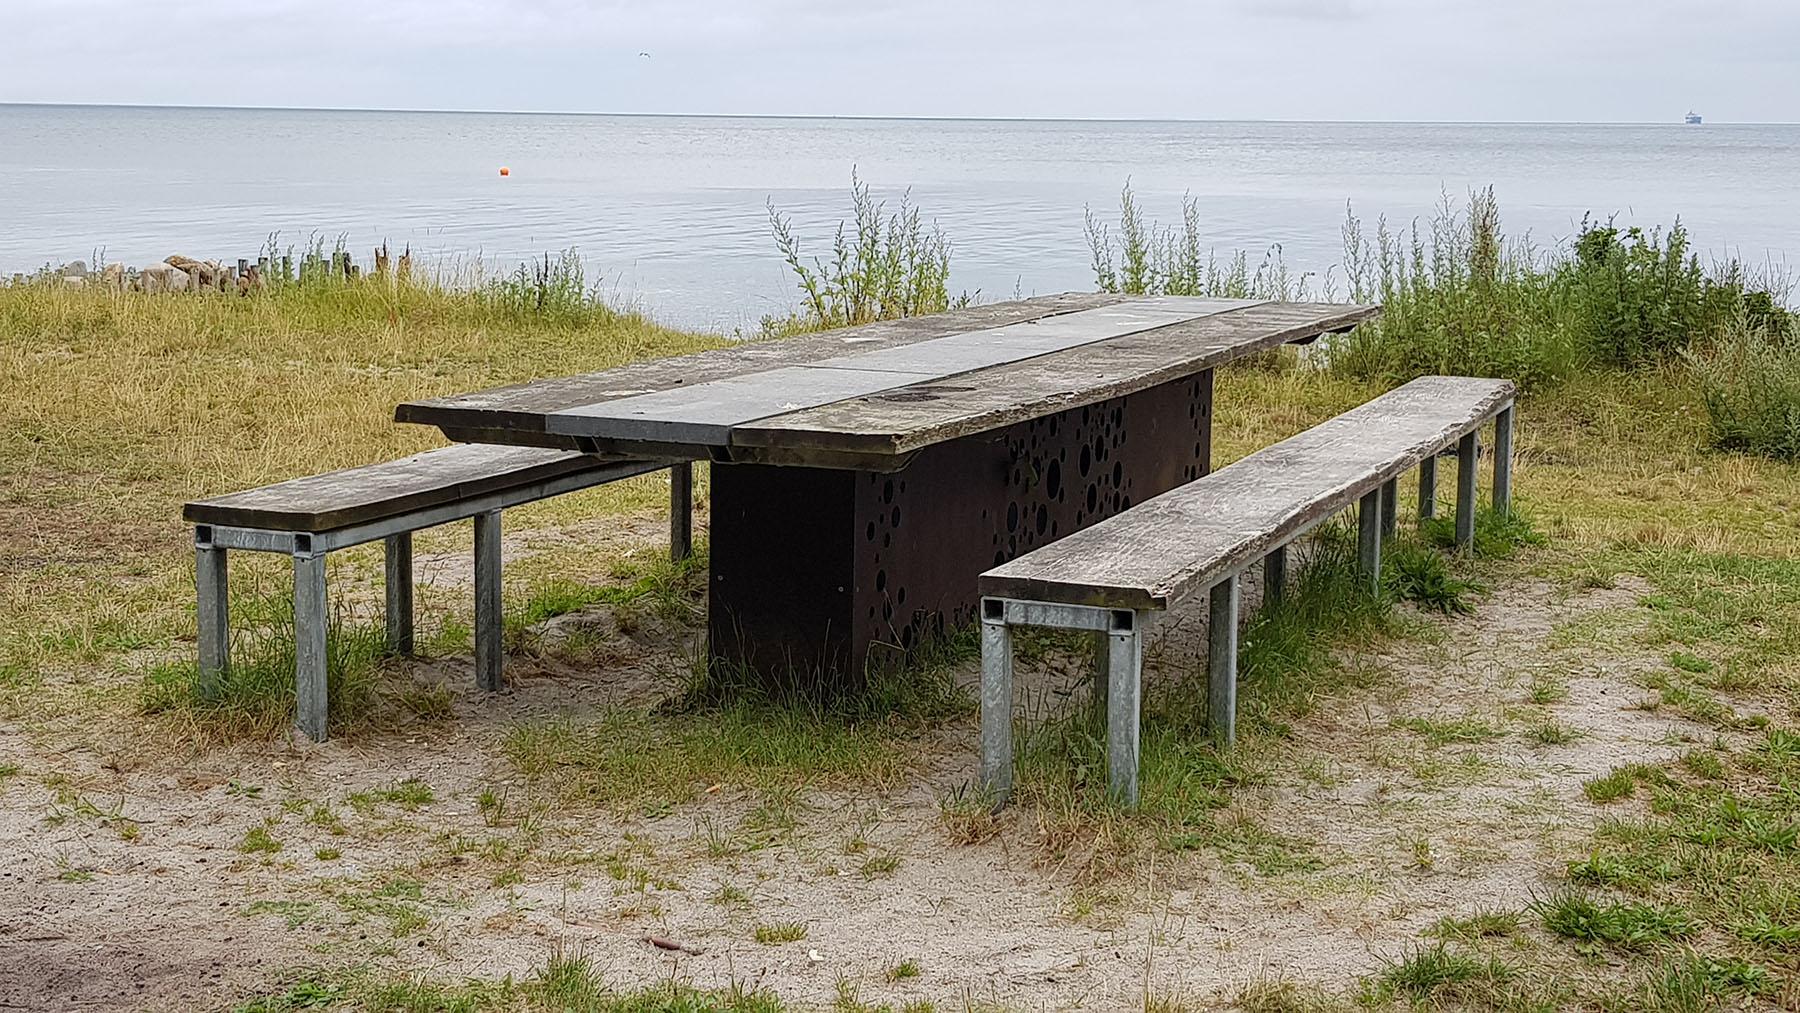 På billedet ses et langbord med tilhørende bænke, der er placeret i et grønt område tæt på vandet